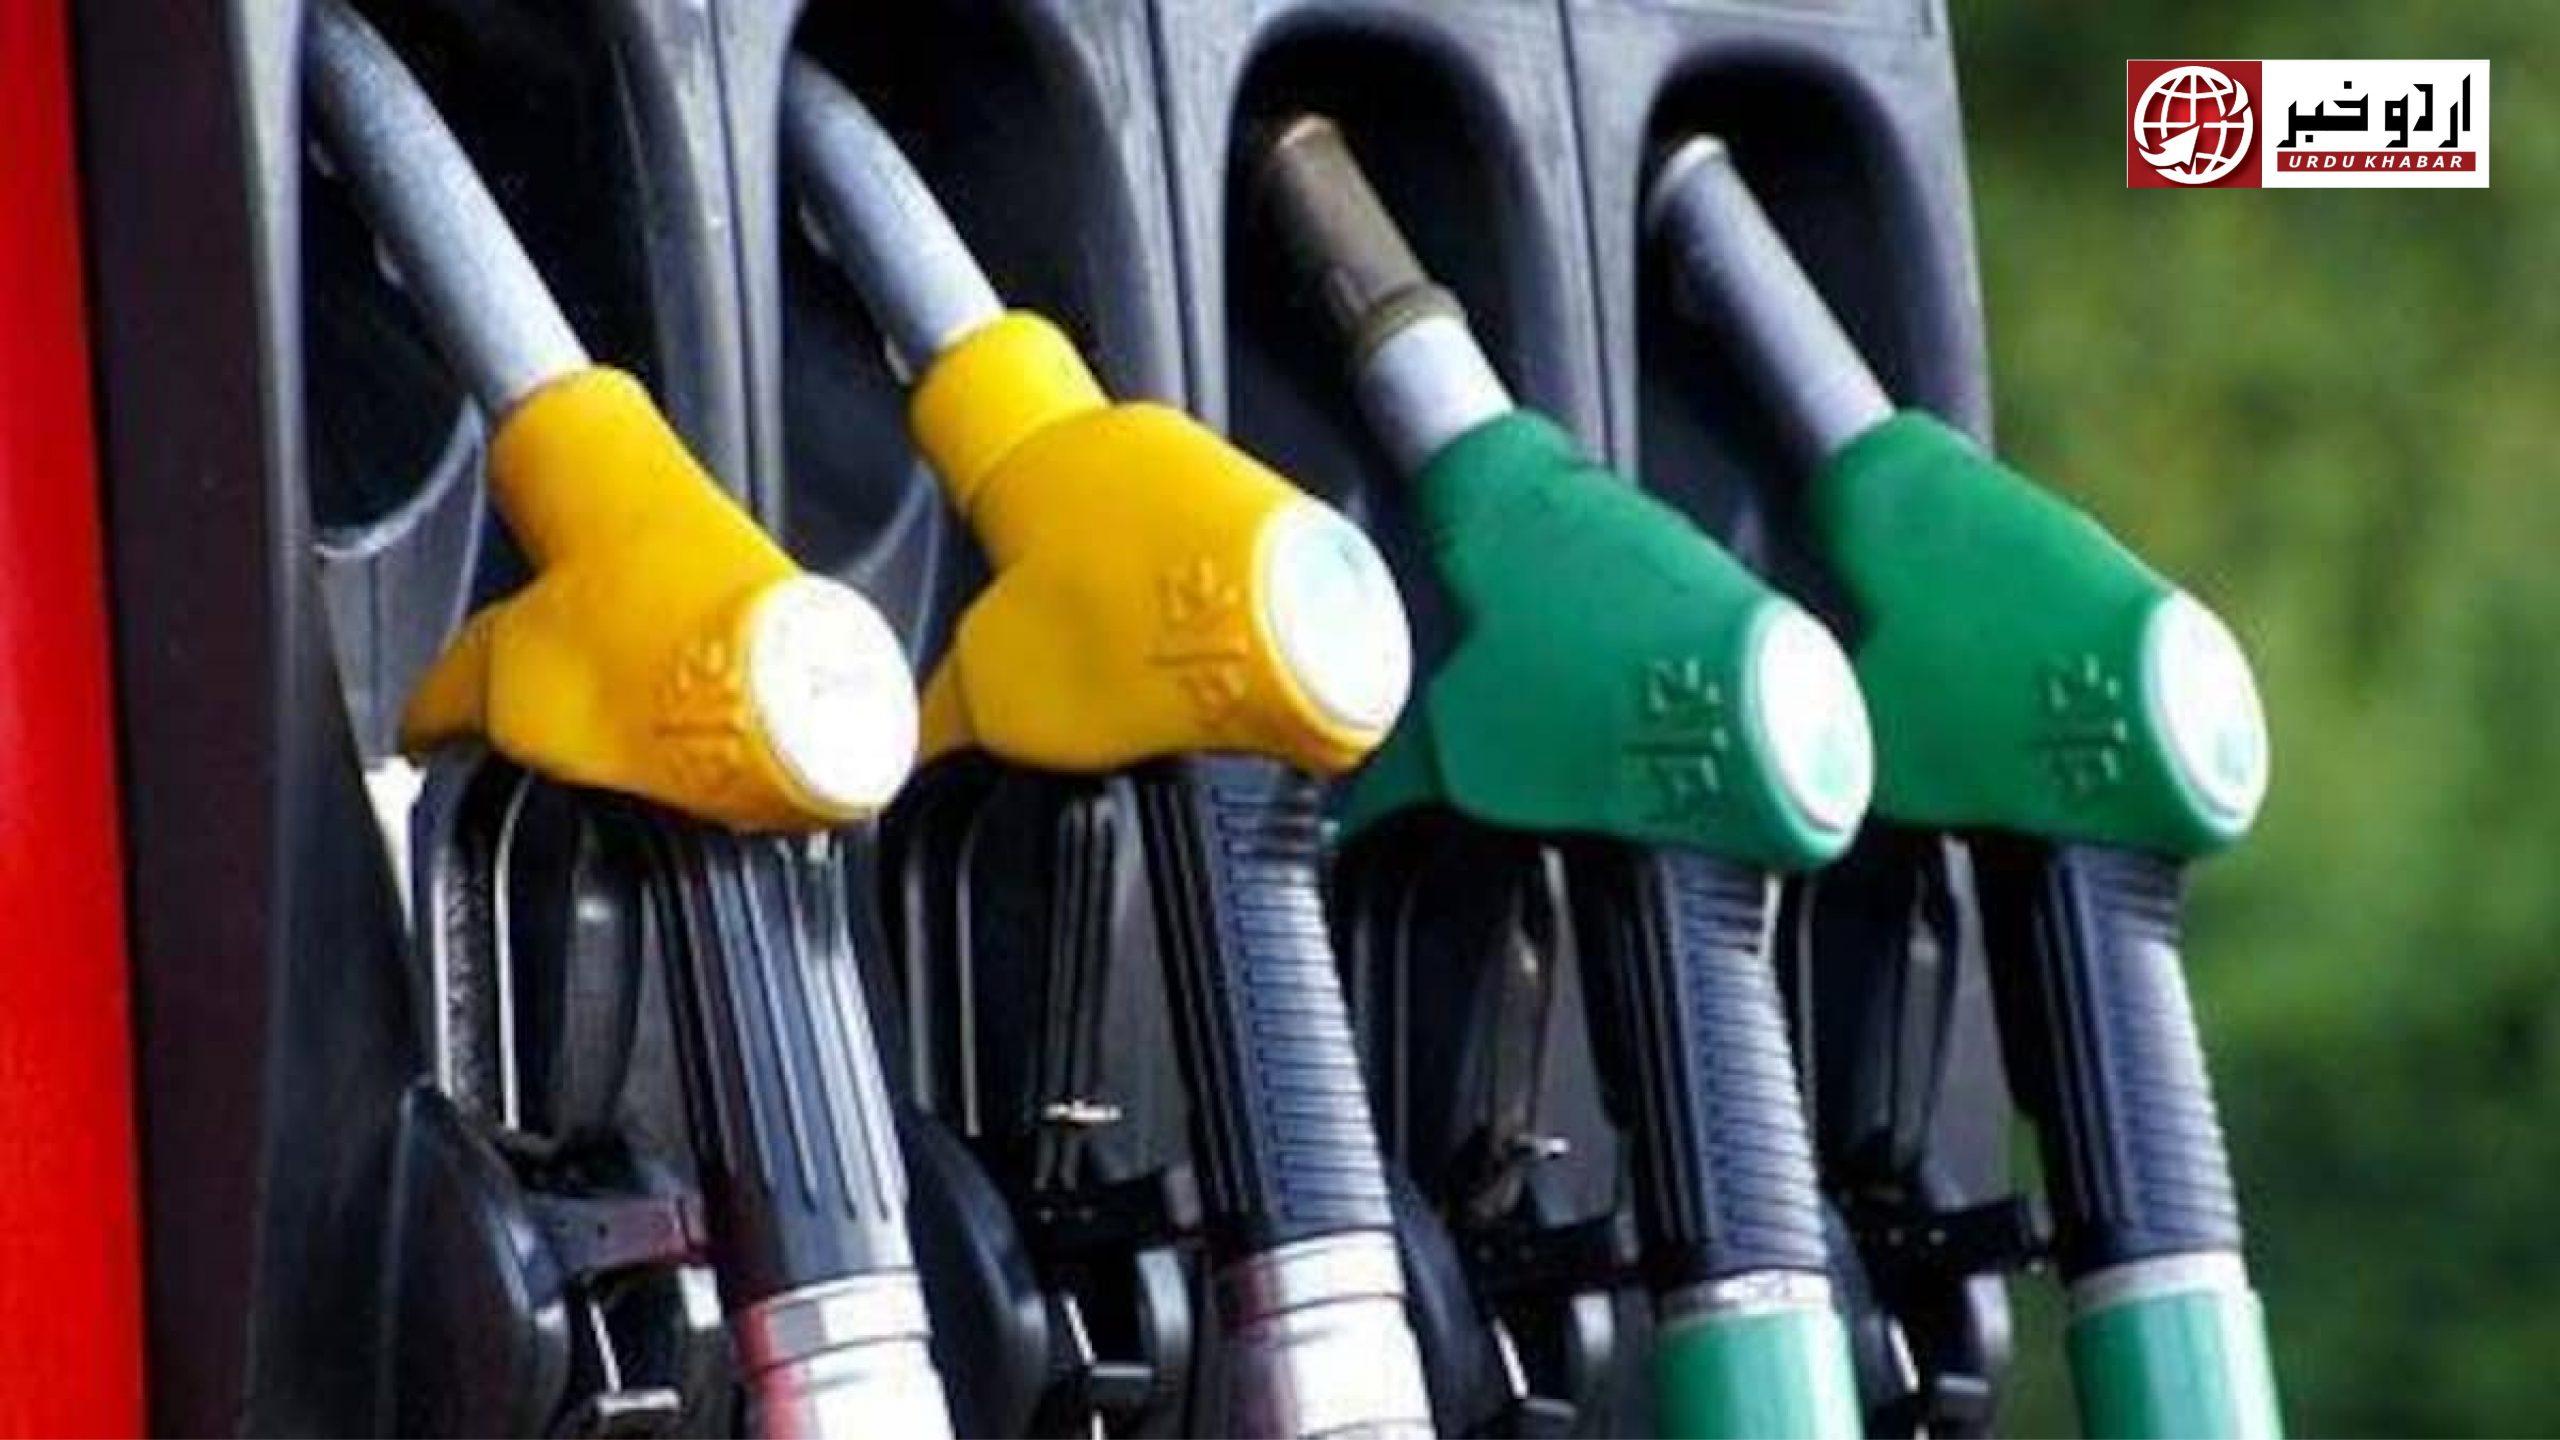 پیٹرول کی قیمتوں میں بڑی کمی کر دی گئی